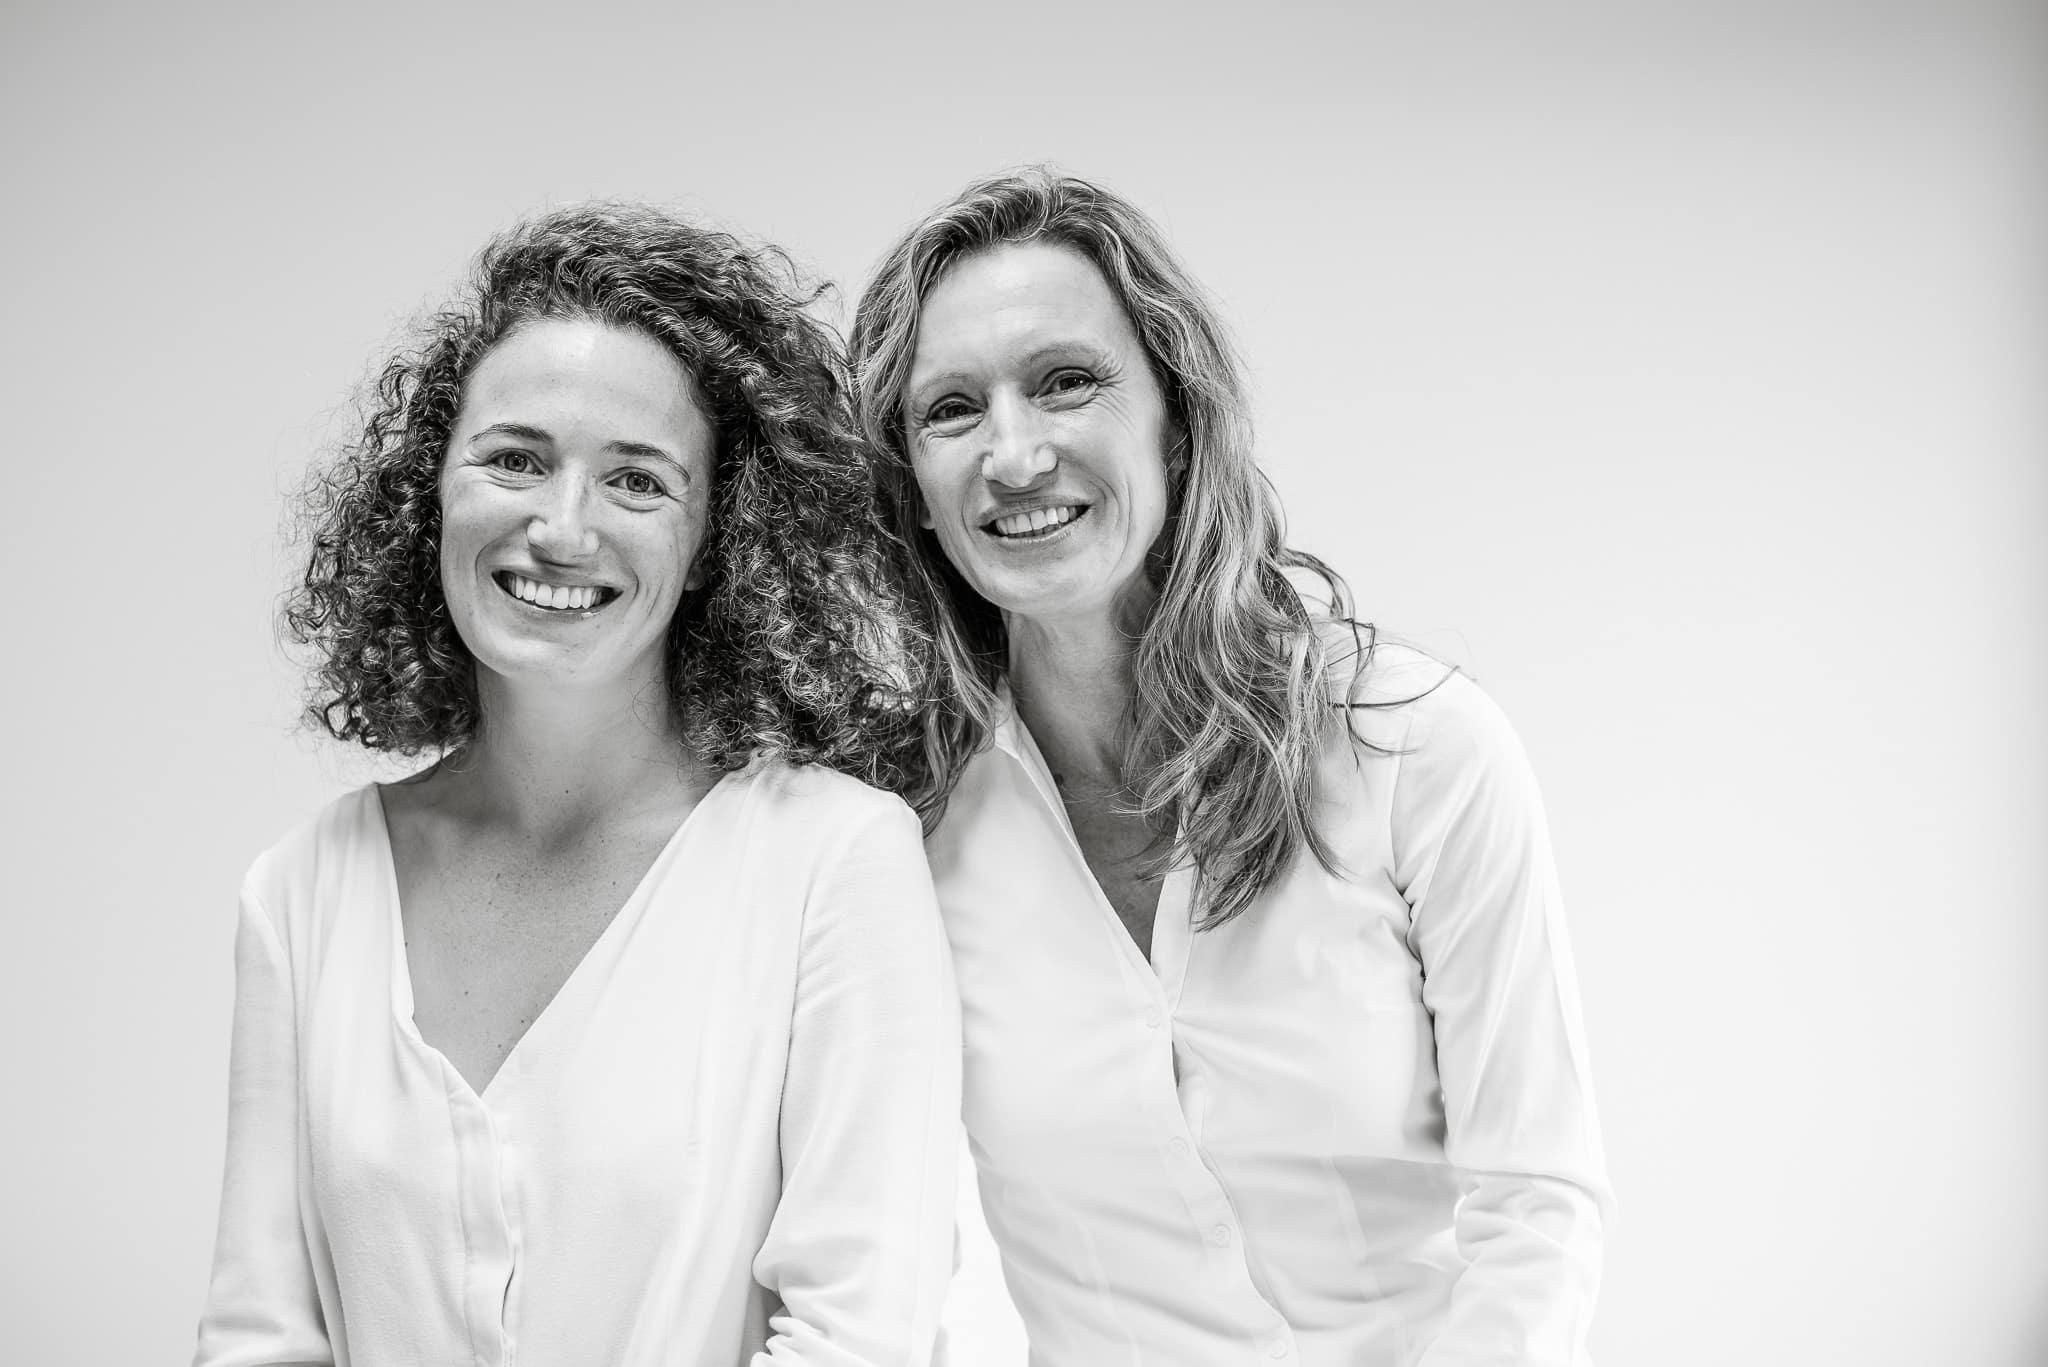 Anne et Sylvie Peres, créatrices de la gamme de cosmétiques Alaena à Biarritz.